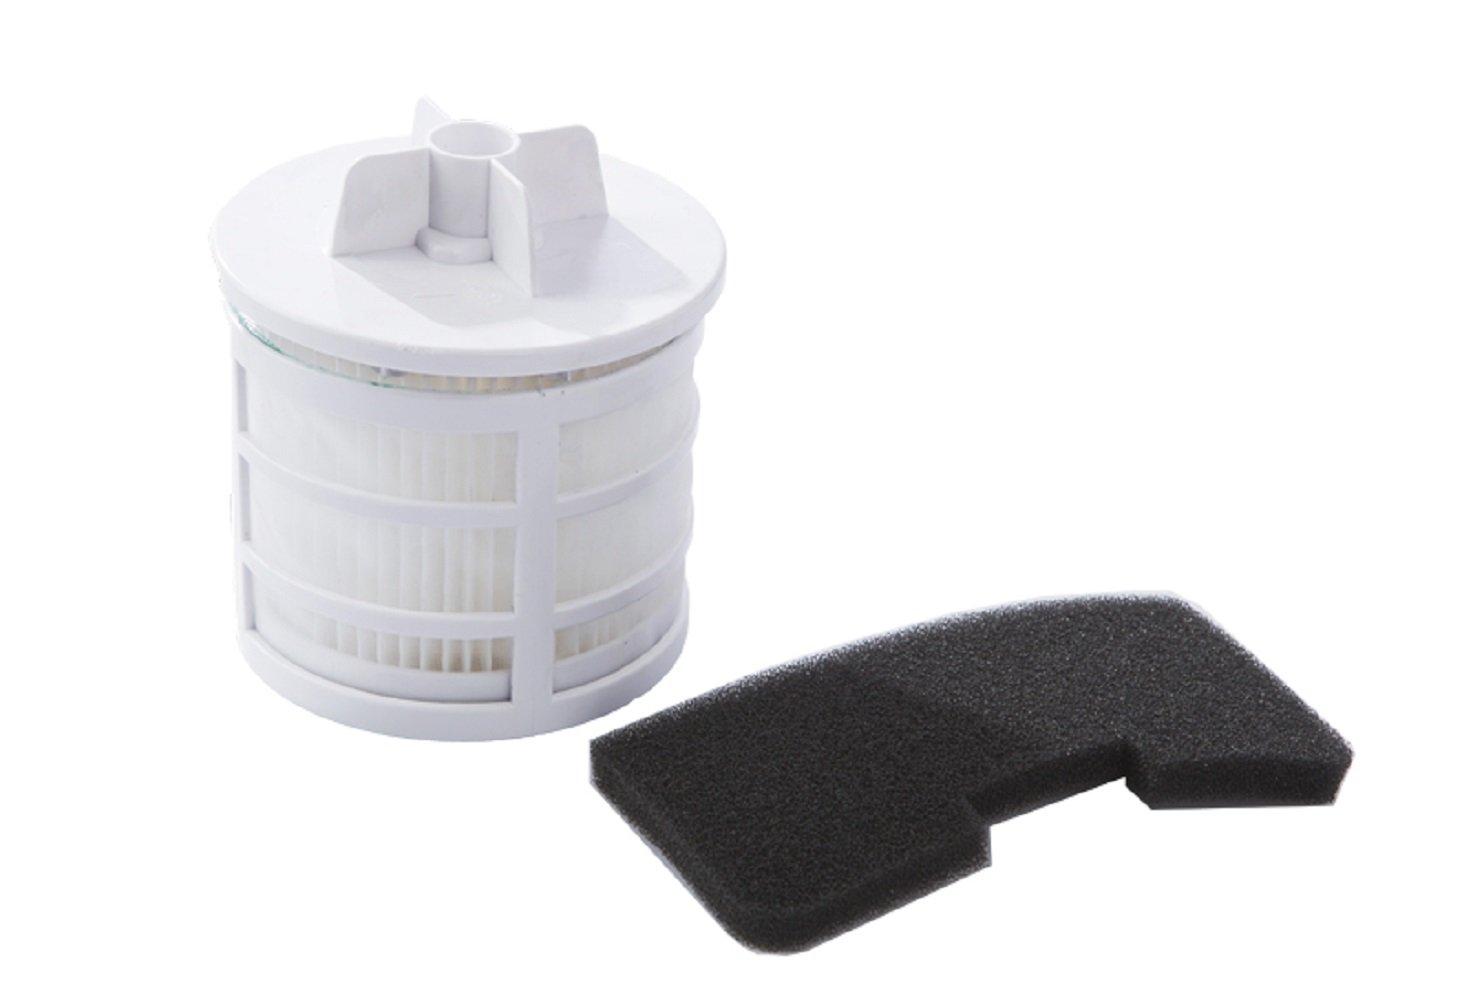 Acquisto Kit di filtro pre-motore e filtro HEPA dell'aria uscente per gli aspirapolveri Hoover Sprint (alternativa a Tipo U66, 35601328). Prodotto genuino da Green Label Prezzo offerta